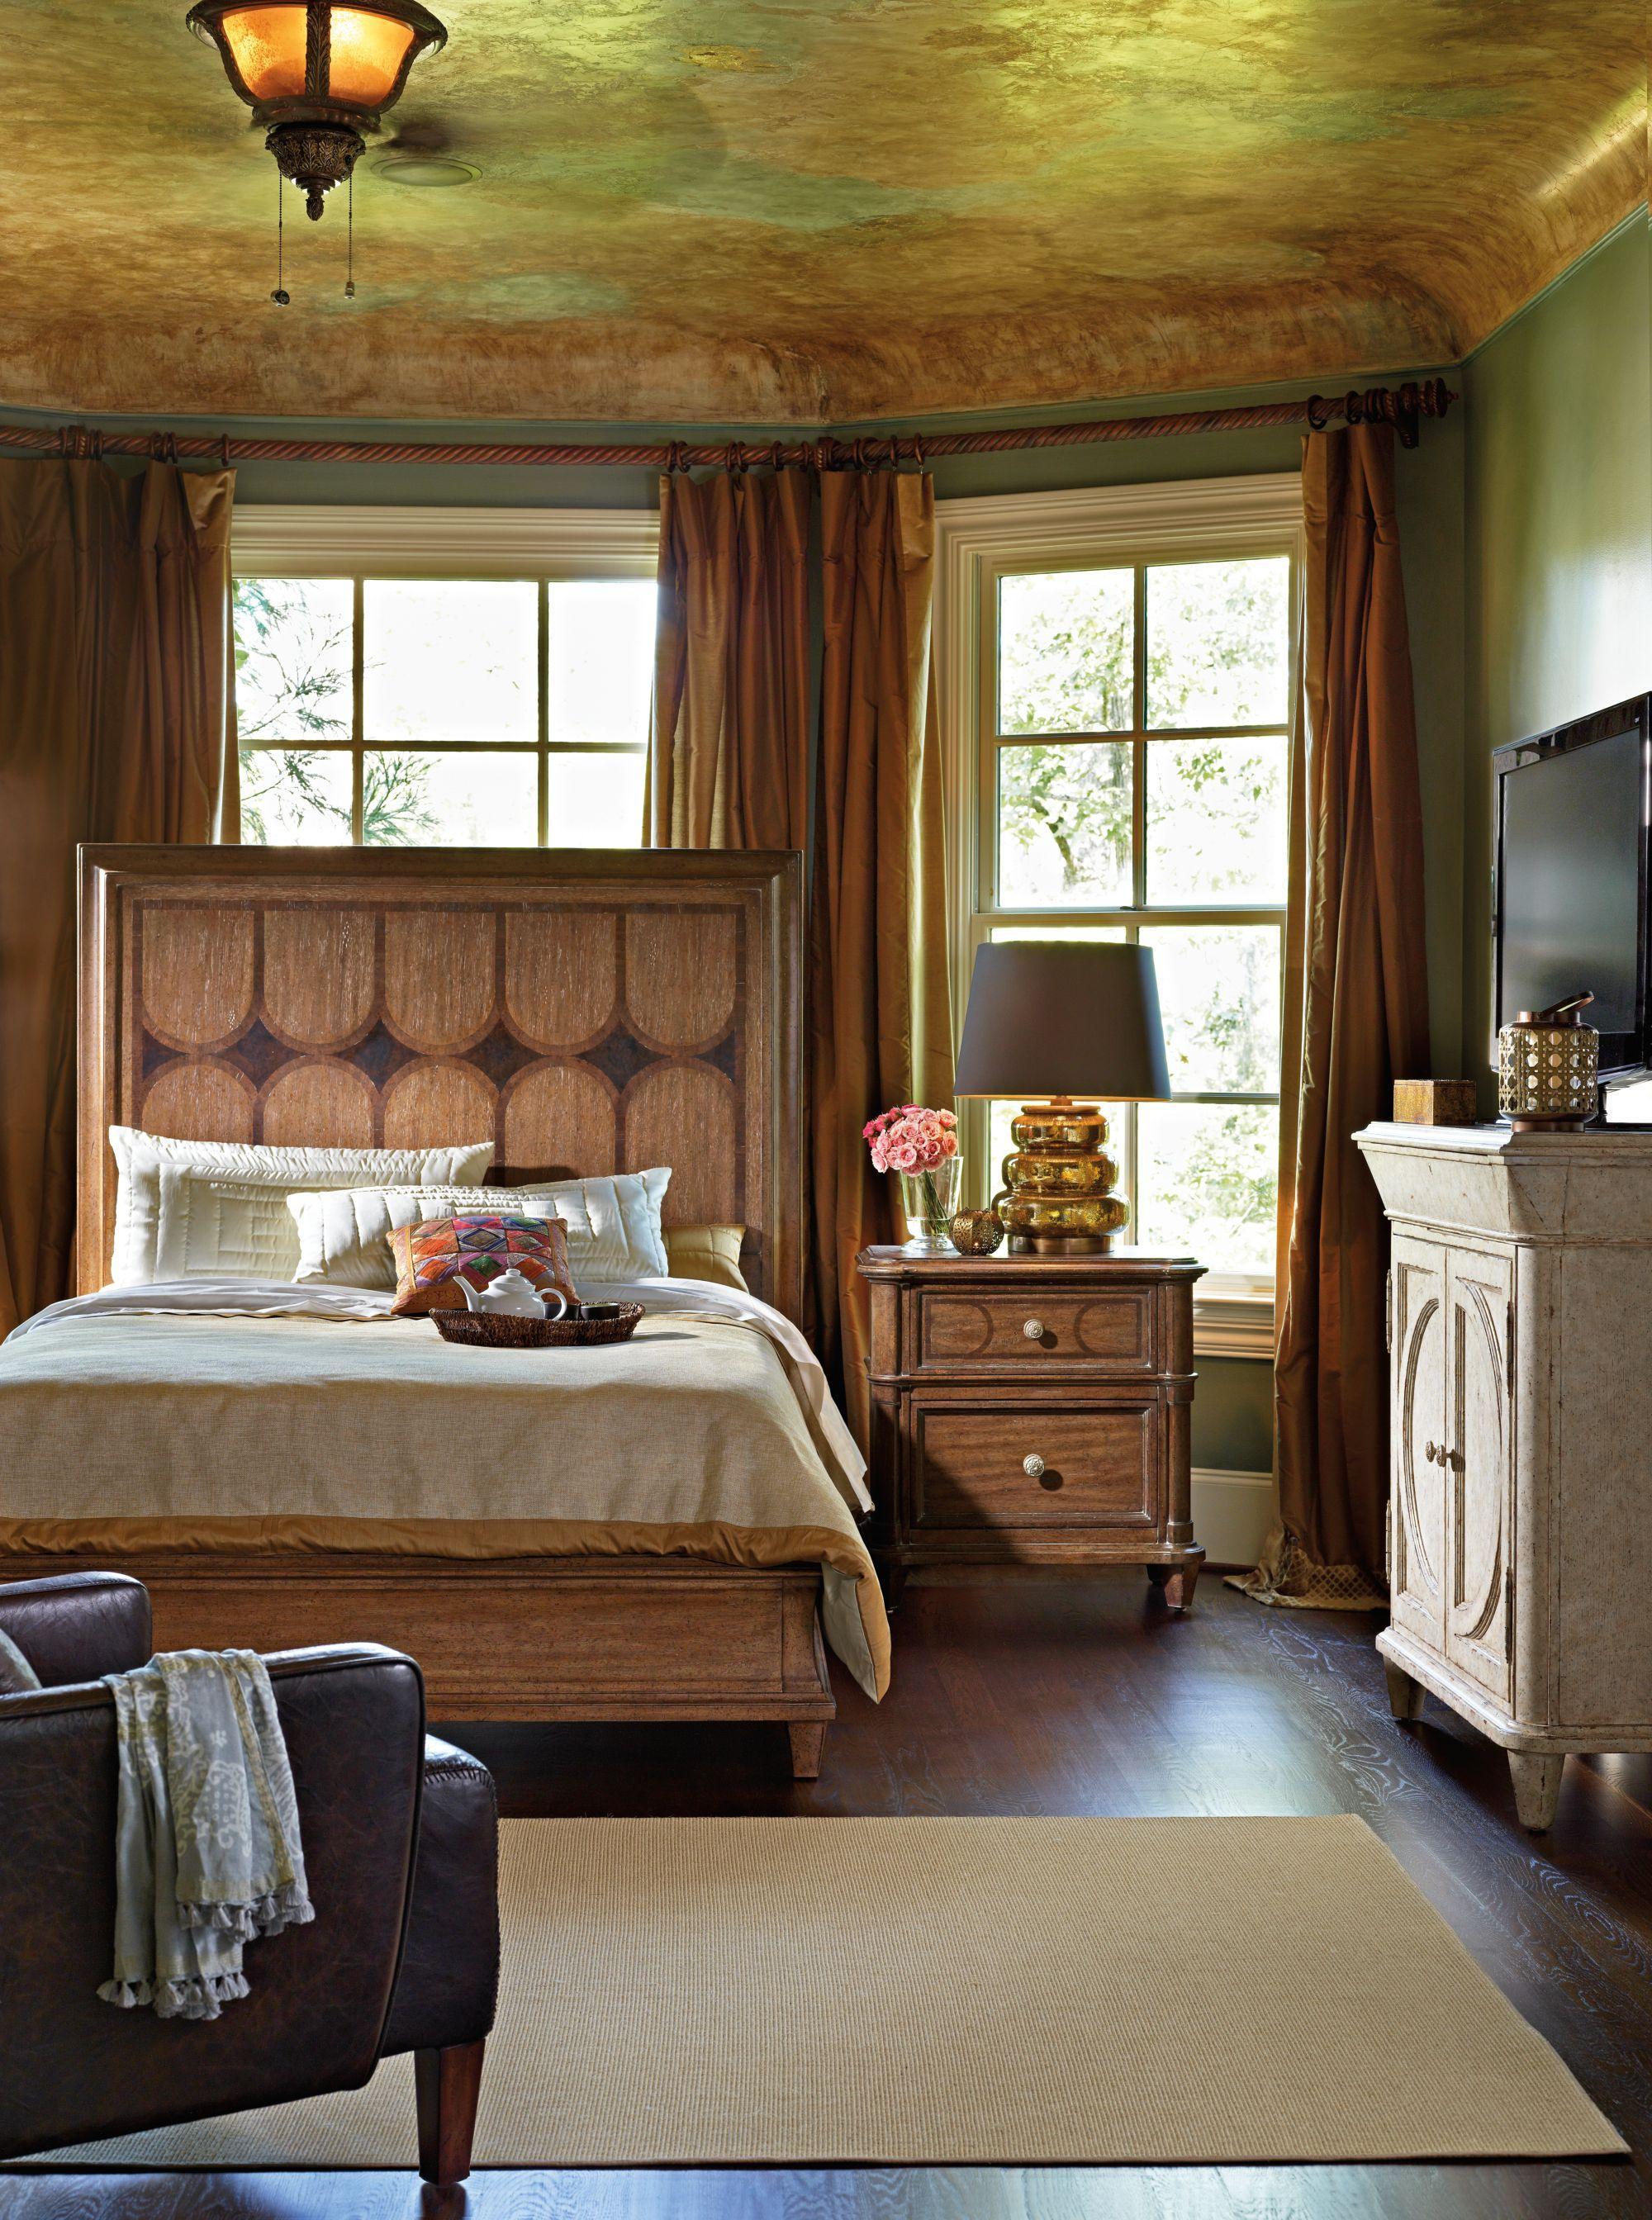 Stanley Furniture Archipelago King Bedroom Group - Item Number: 186-6 K Bedroom Group 1